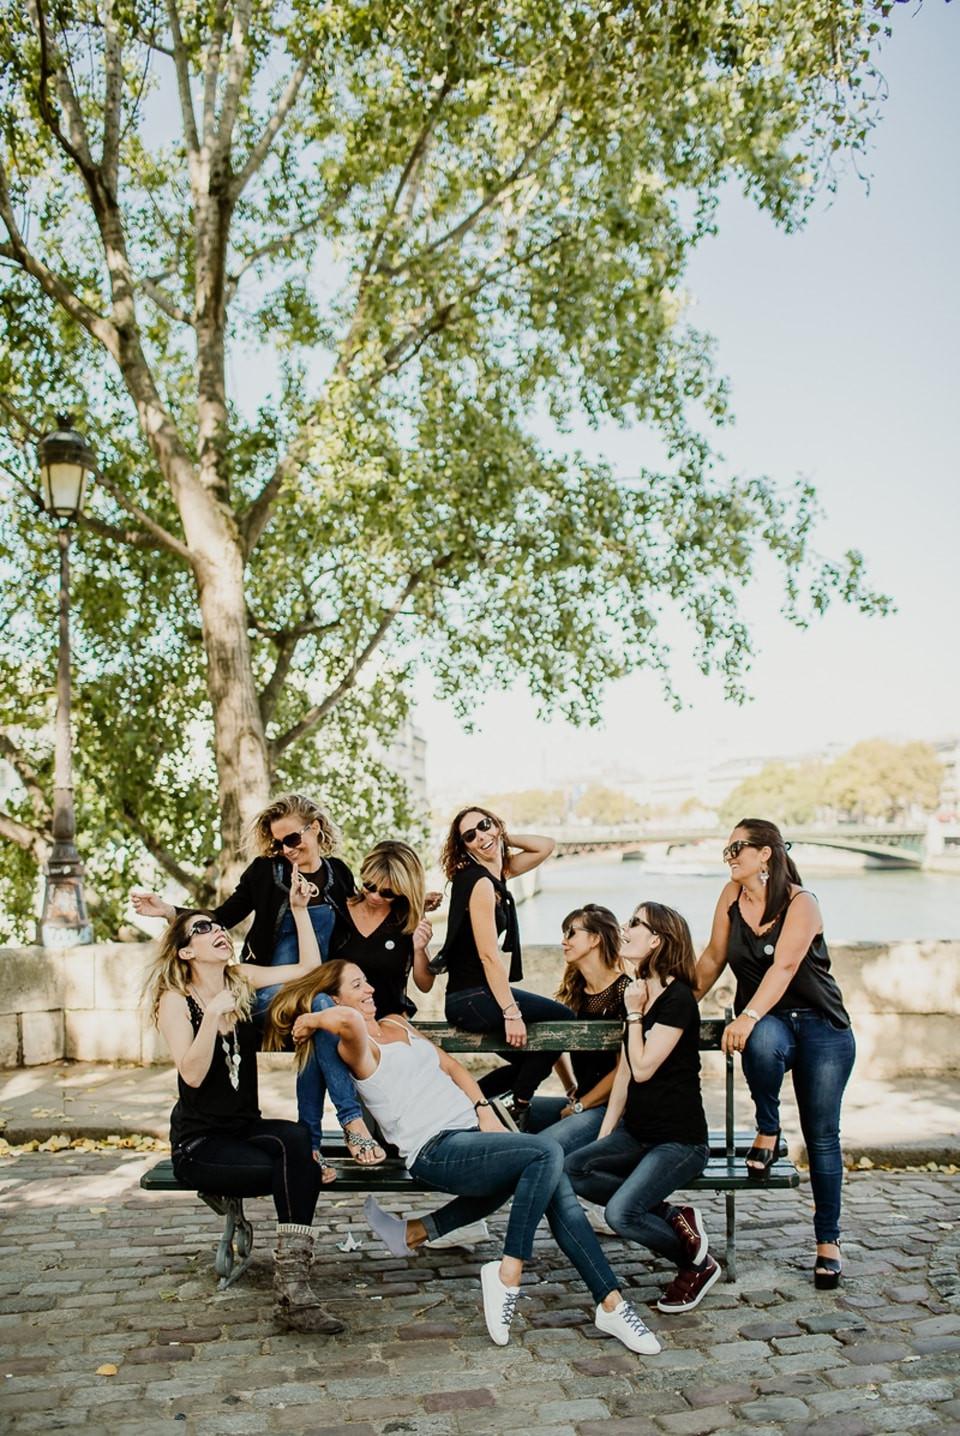 séance photo evjf paris île de la cité groupe sur un banc